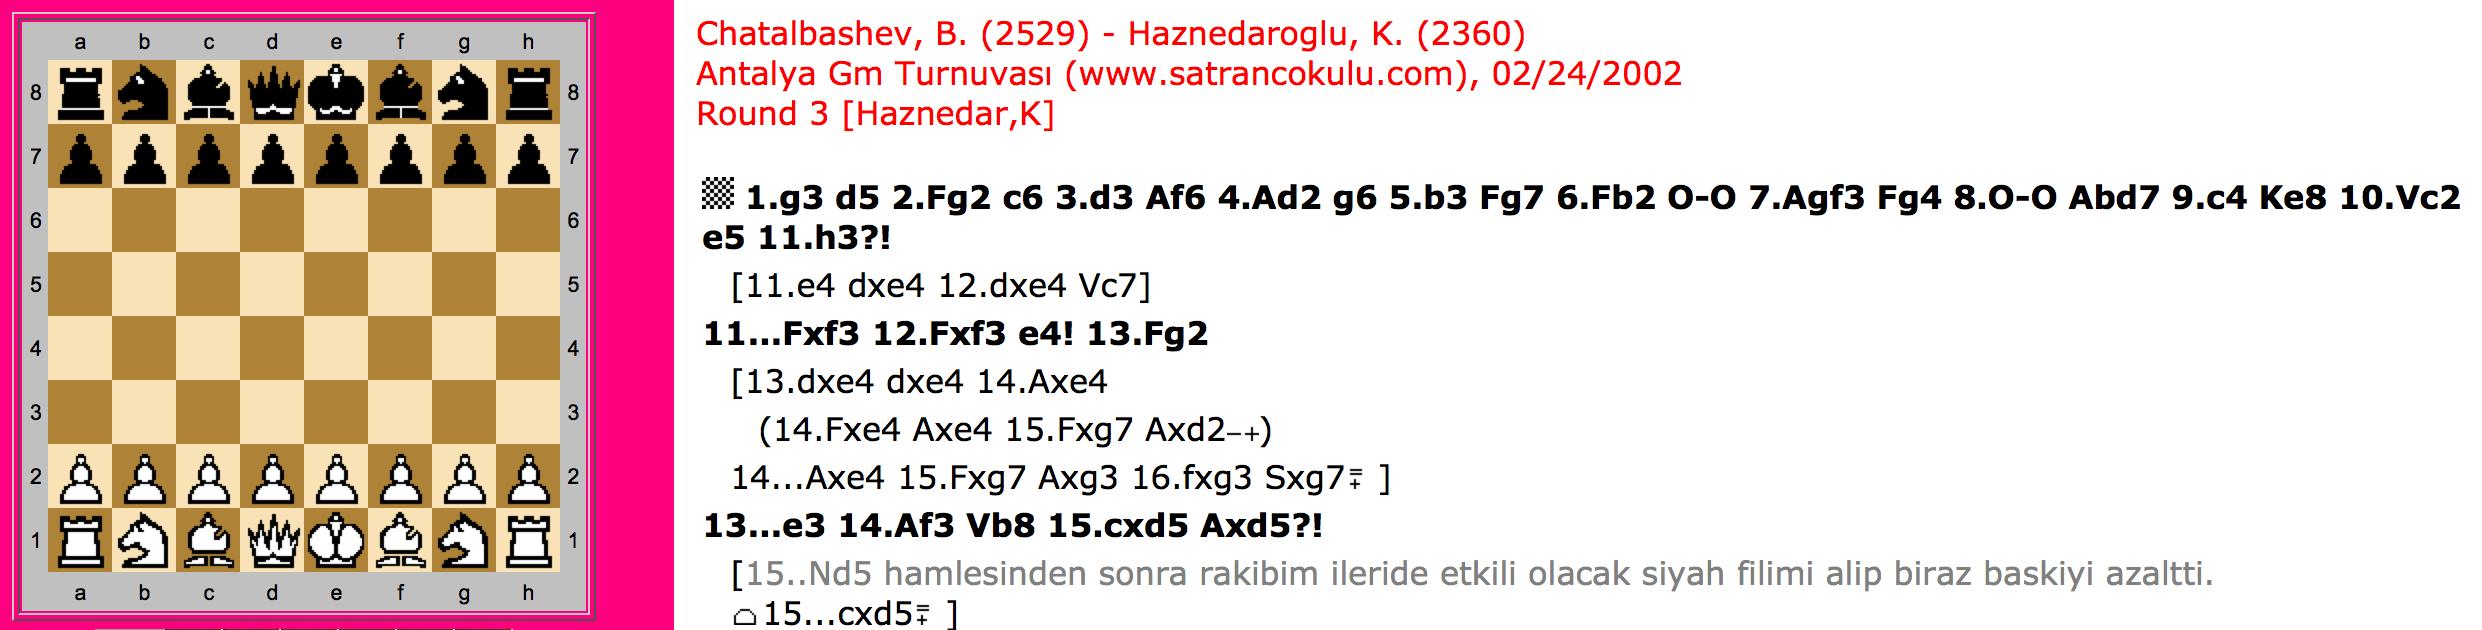 Chatalbashev – Haznedaroğlu 2002